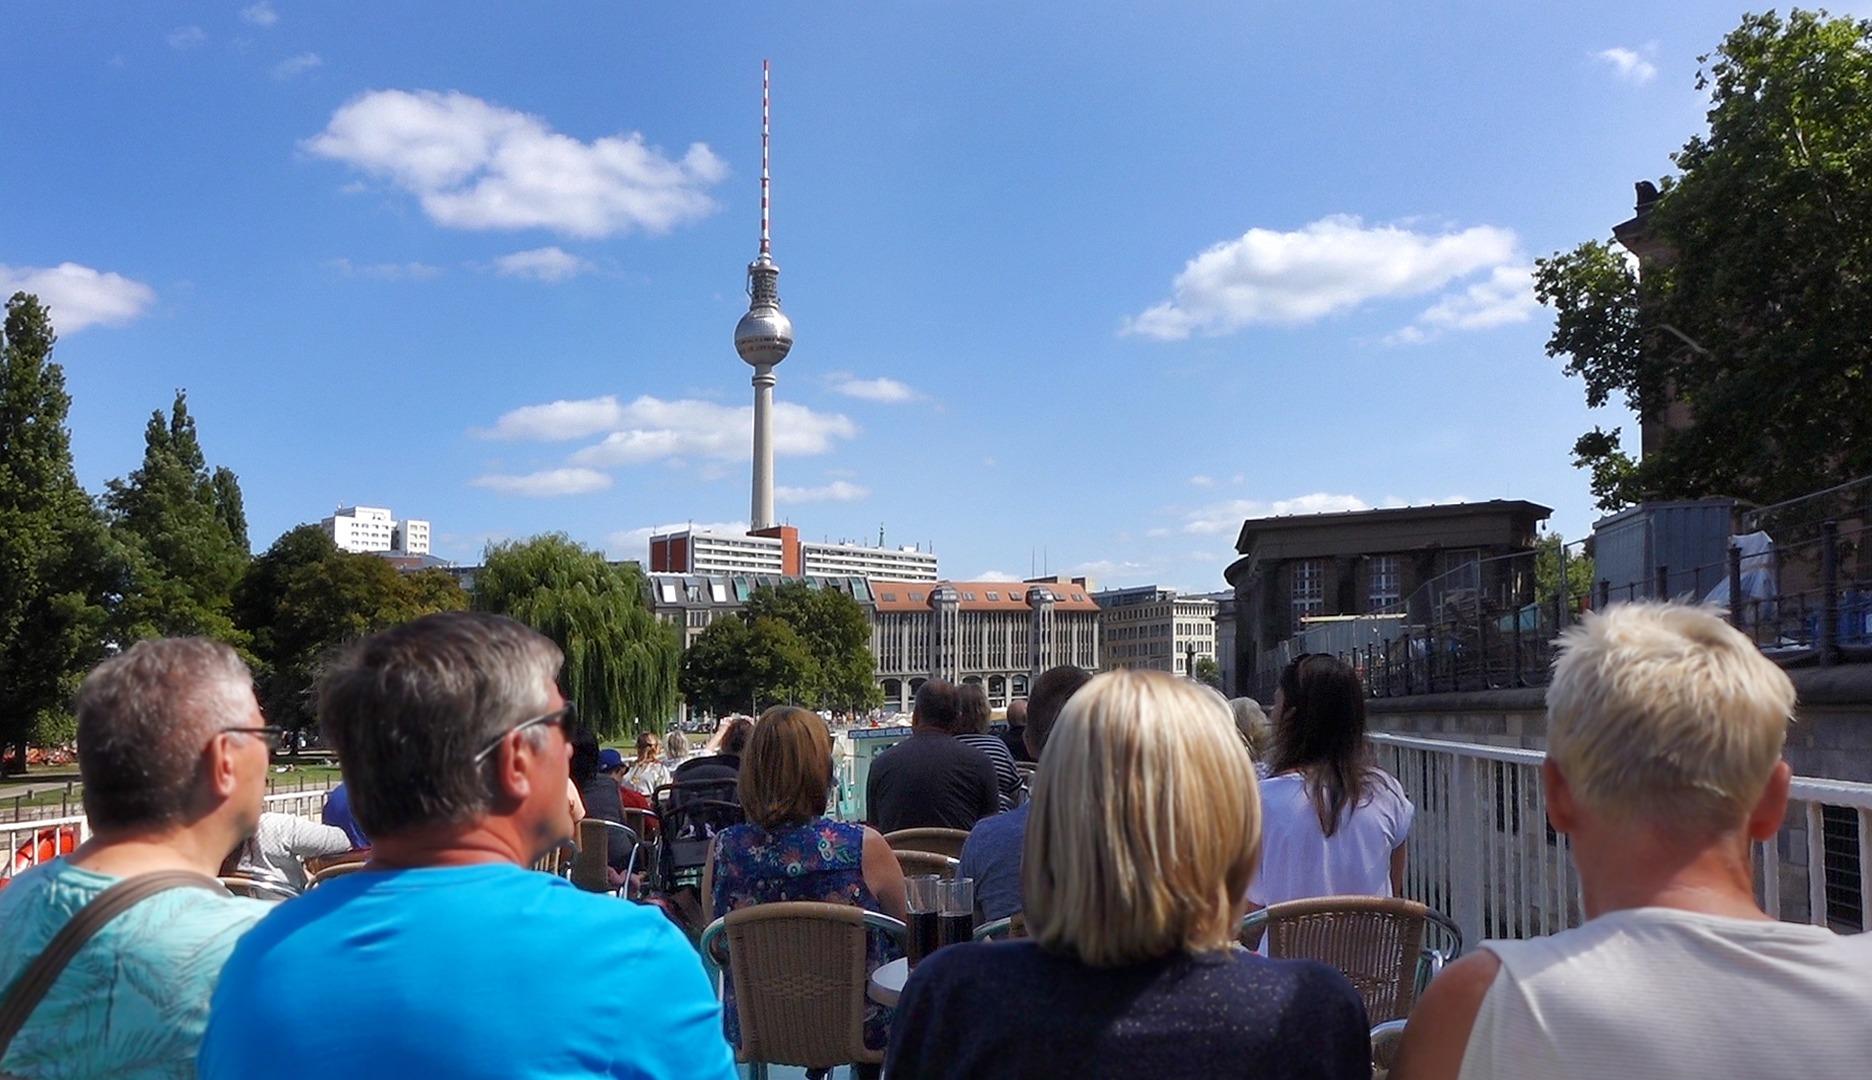 Dampferfahrt Berlin - Fernsehturm